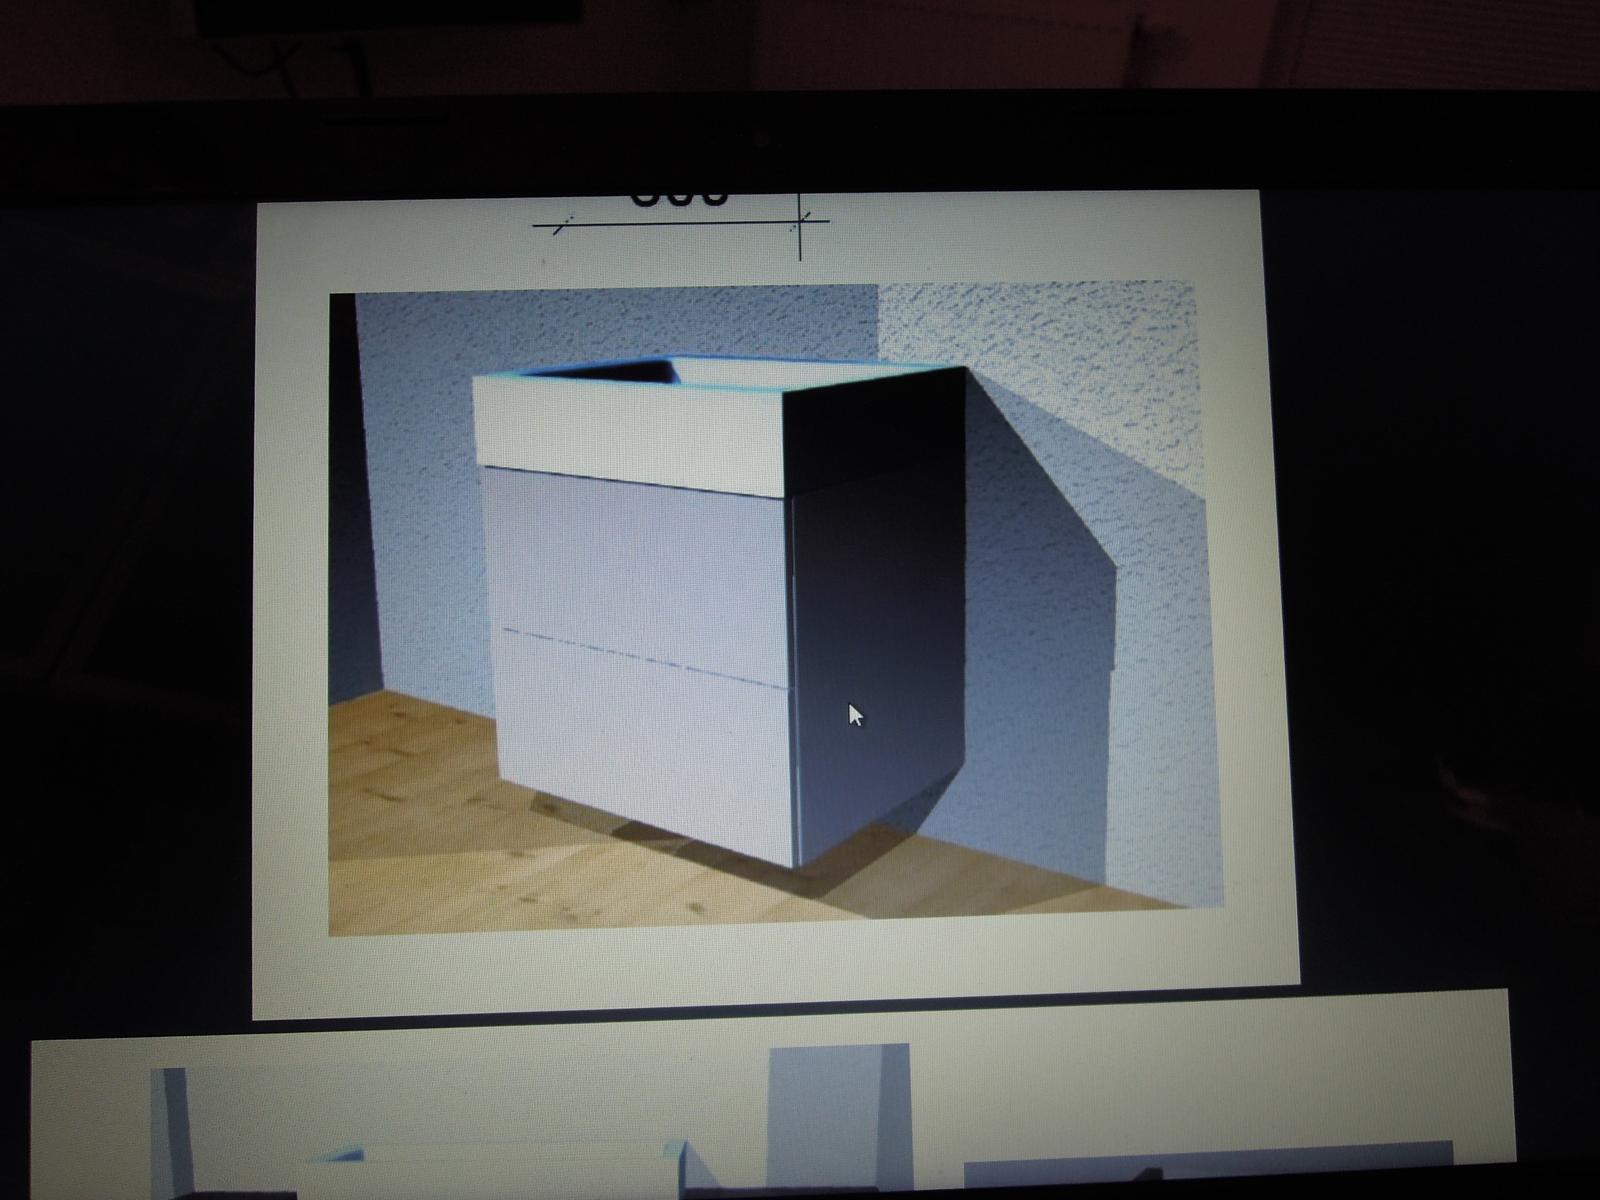 Budeme mít koupelnové skříňky... - Obrázek č. 1